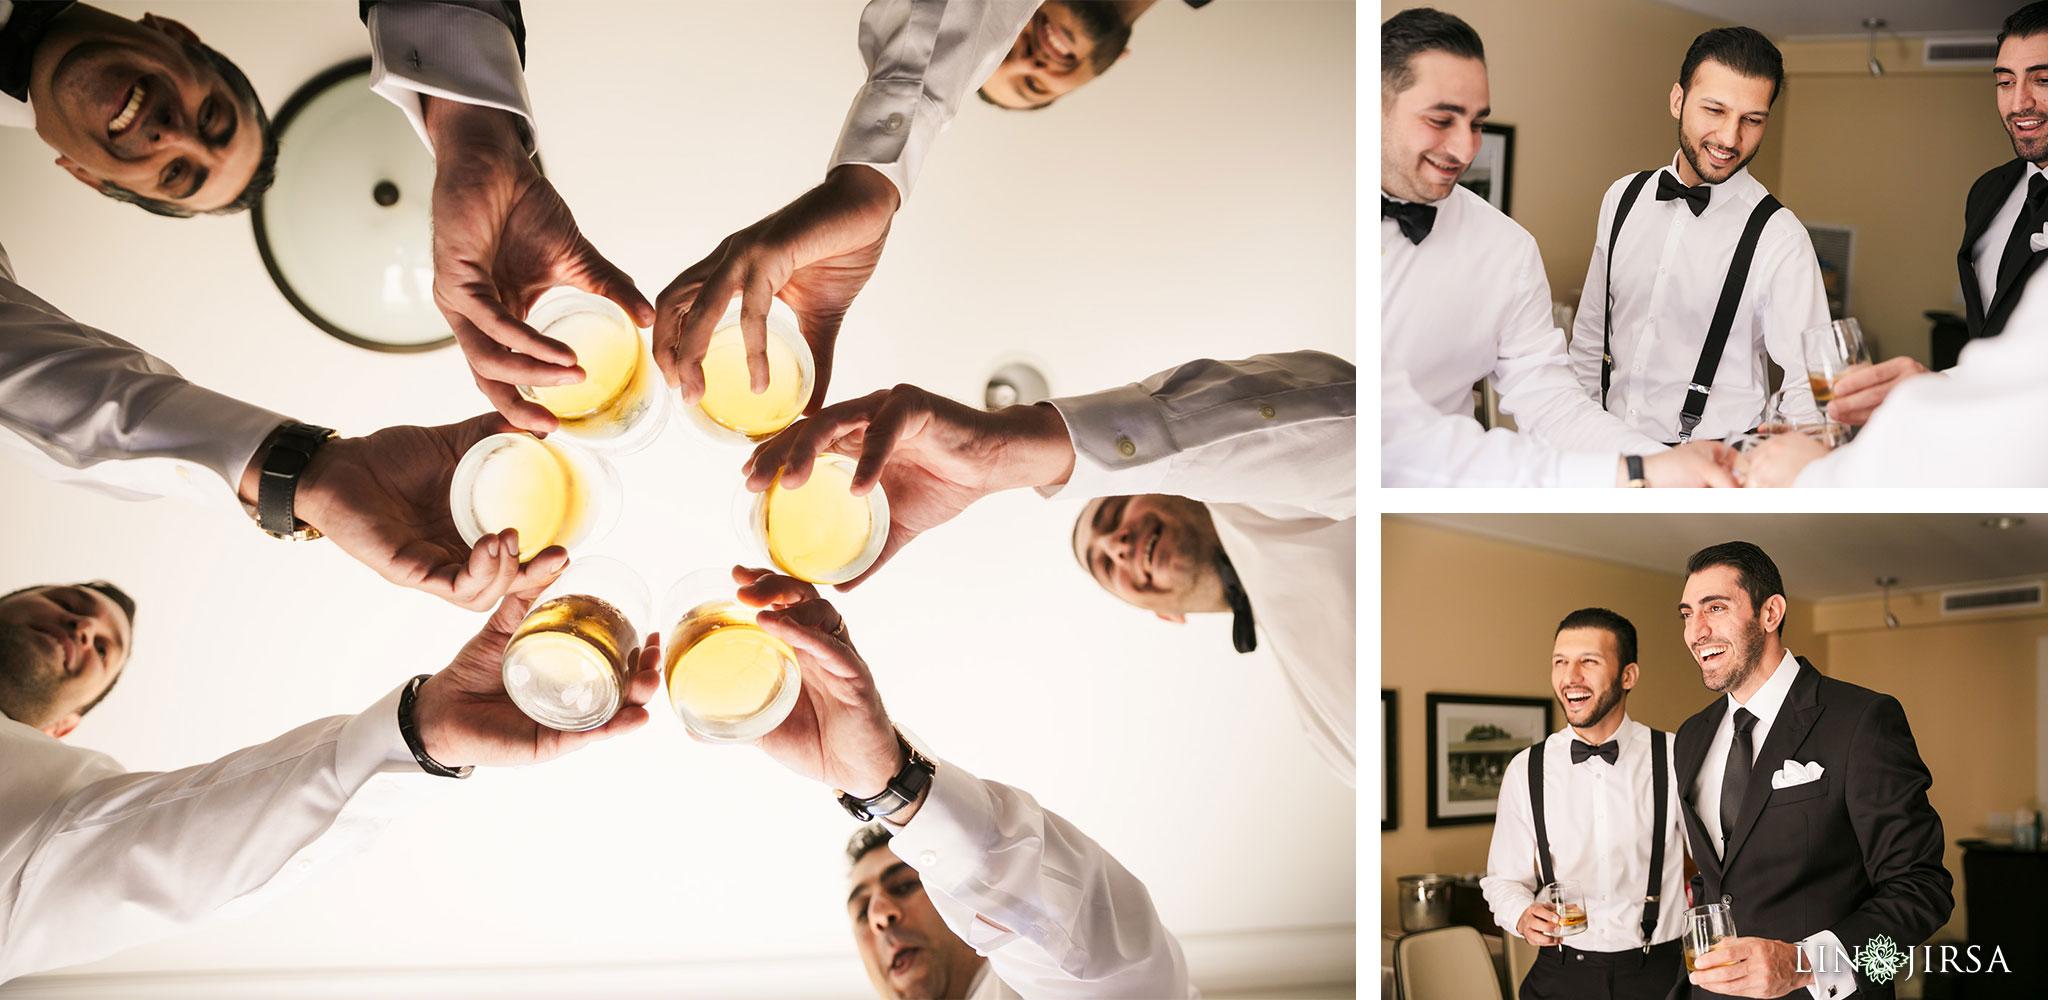 018 estancia la jolla hotel spa persian groomsmen wedding photography